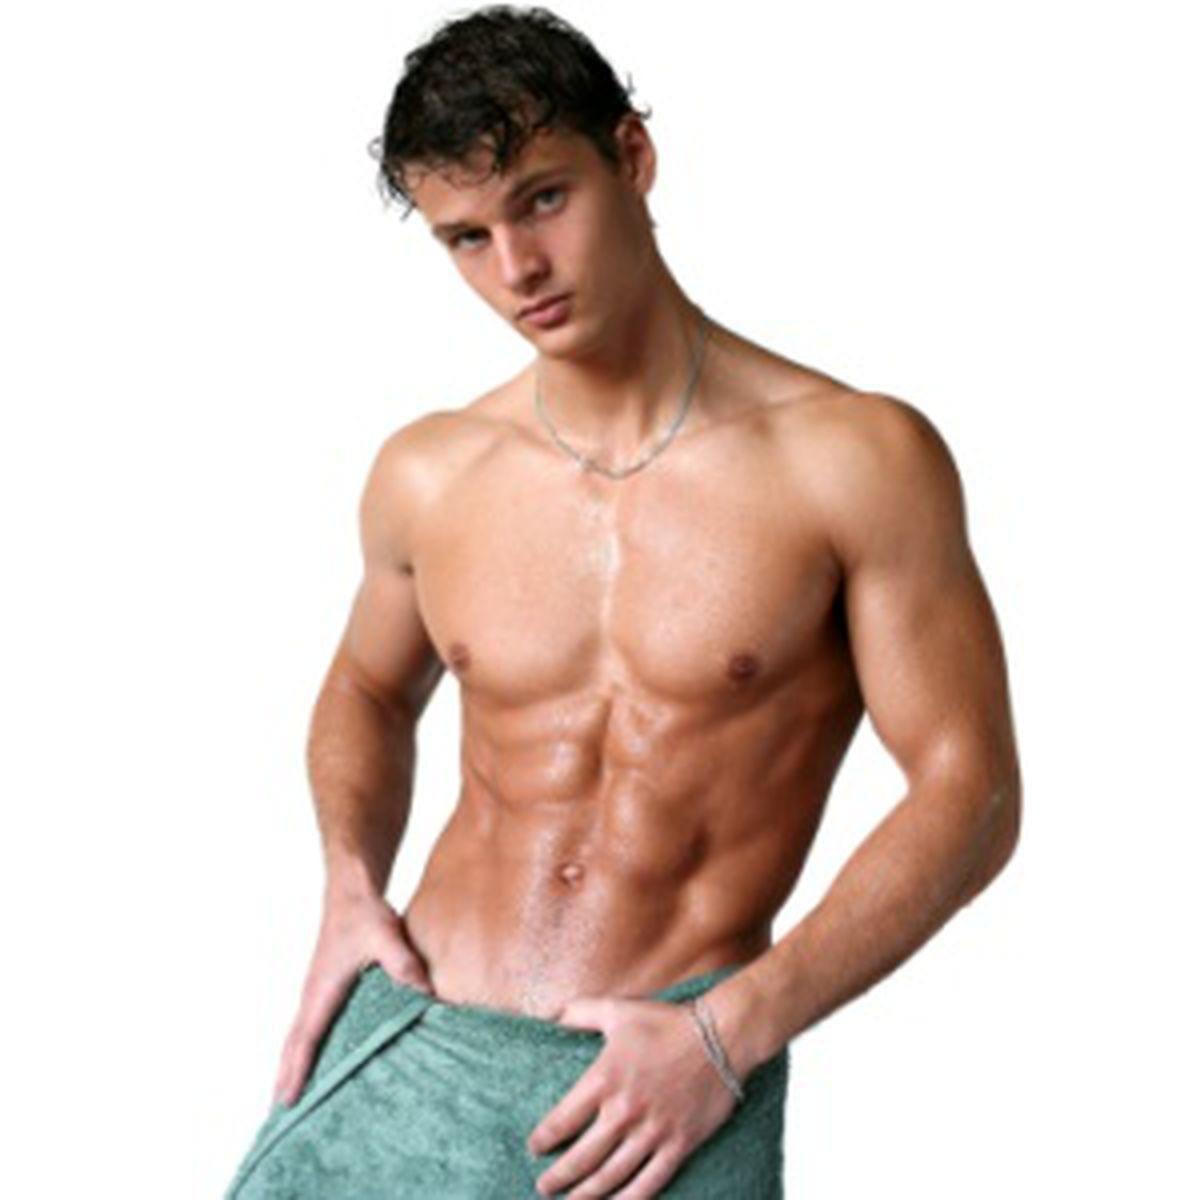 Marimea penisului in stare flasca versus in stare de erectie